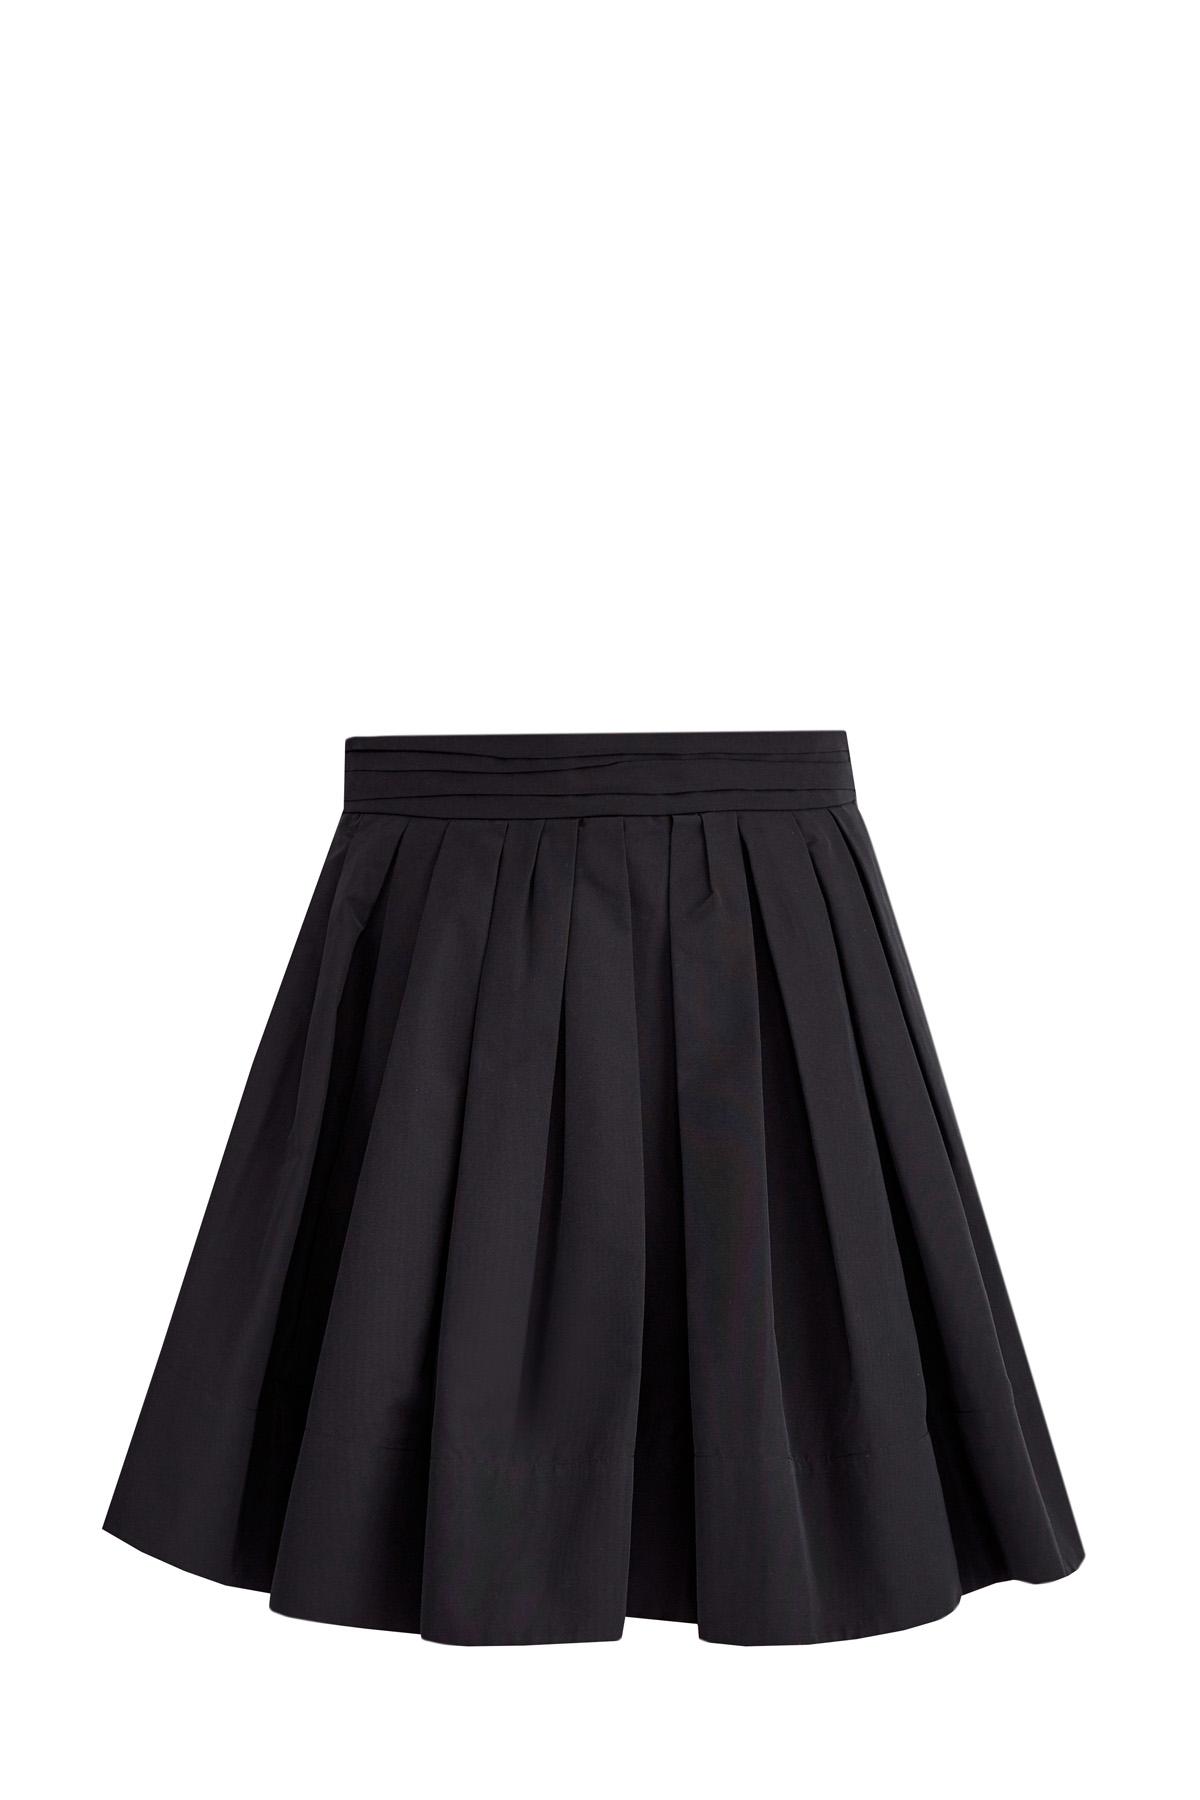 Пышная юбка-мини со складками из хлопковой ткани микрофай